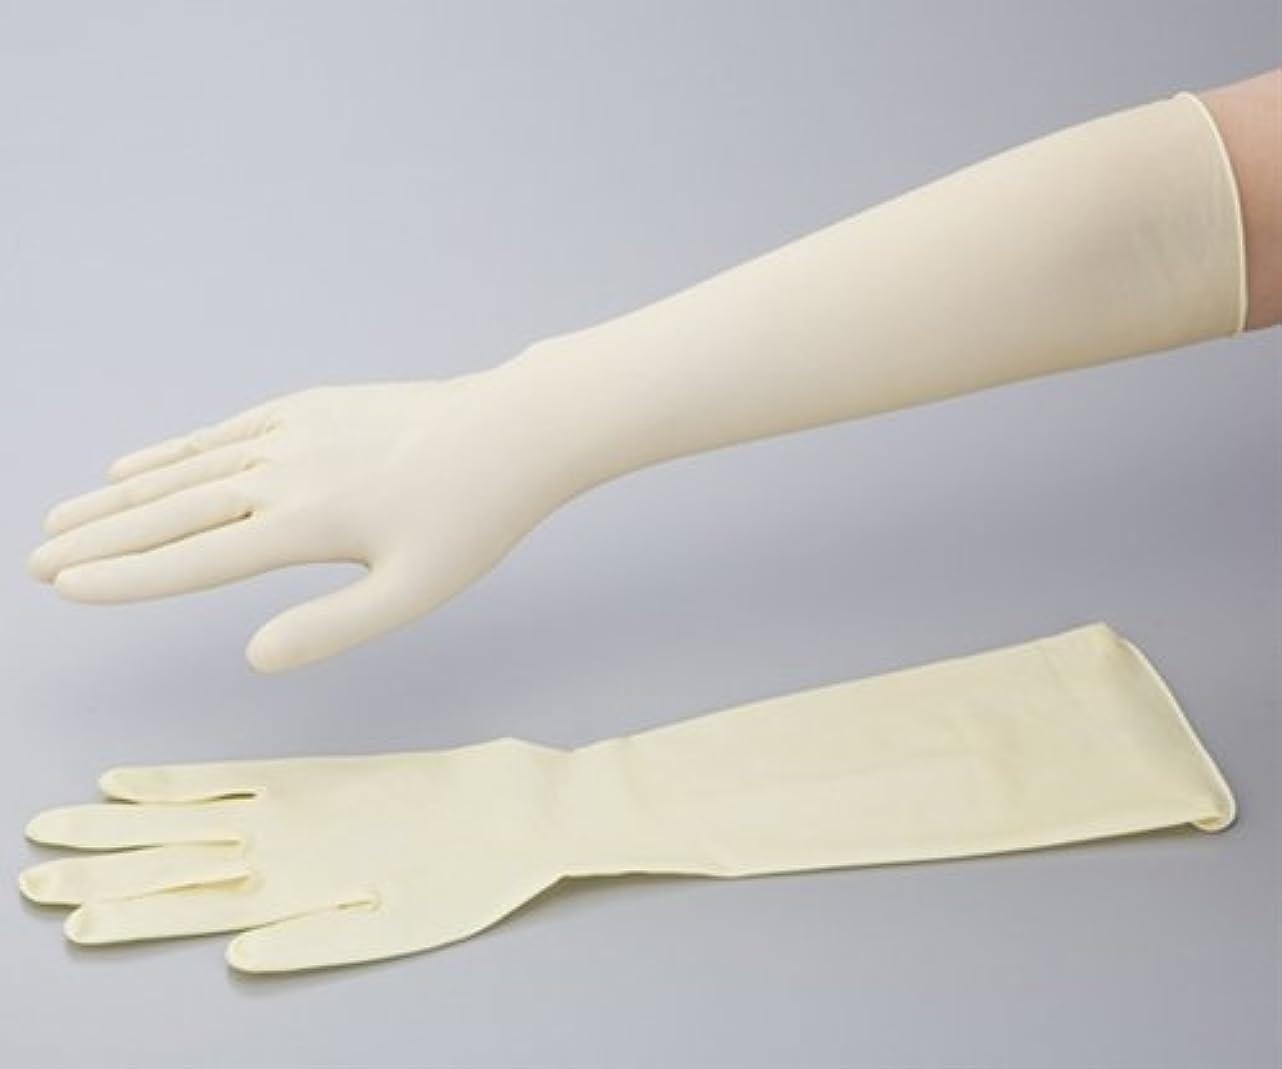 常習者等プラカードラテックスロング手袋(スーパーロング)γ線滅菌済 S 50枚入り /0-6111-03